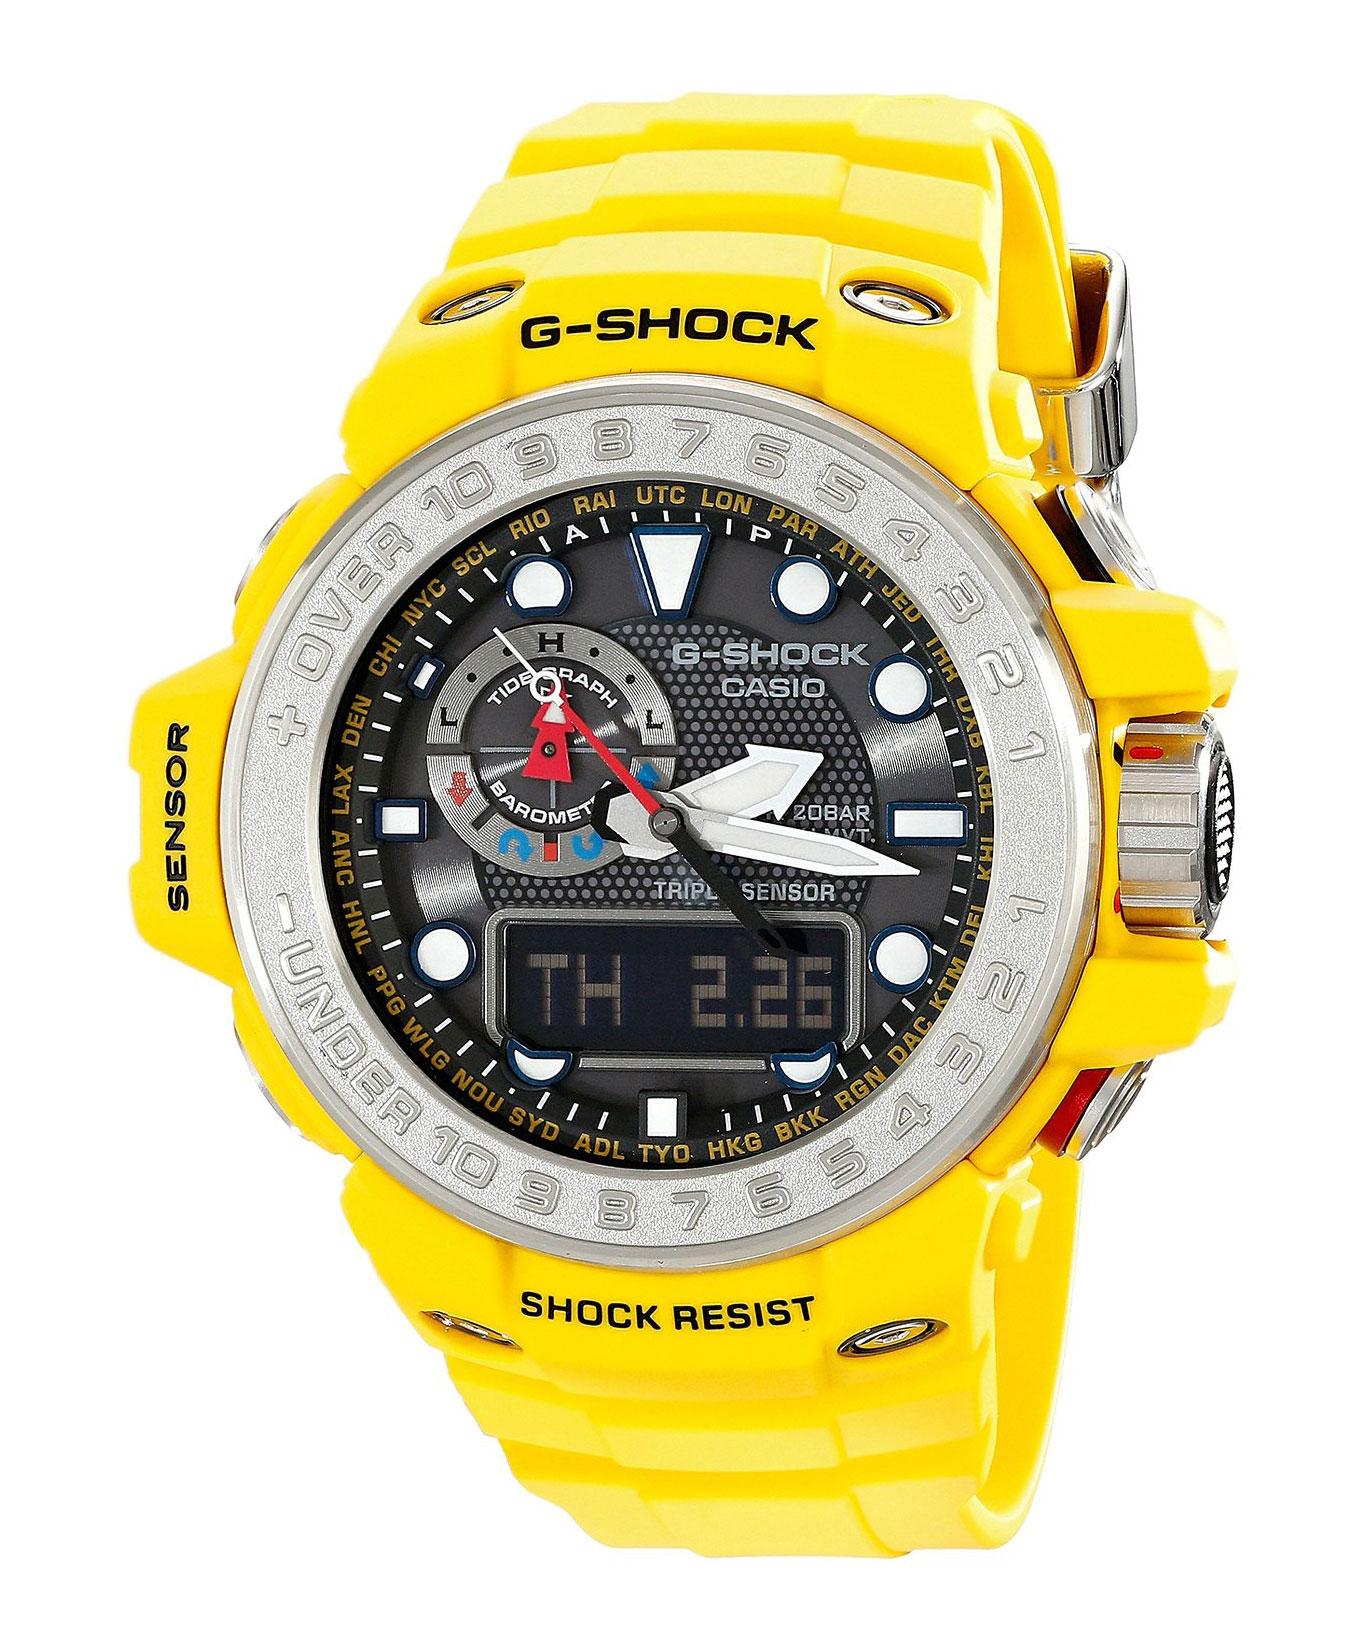 Часы мужские наручные Casio G-SHOCK, цвет: желтый, серебристый. GWN-1000-9AGWN-1000-9AСтильные мужские часы Casio G-SHOCK выполнены из полимерных материалов и минерального стекла. Изделие дополнено электролюминесцентной подсветкой высокой яркости, корпус часов оформлен символикой бренда. В часах предусмотрен аналоговый и цифровой отсчет времени. Часы оснащены функцией мирового времени, которая позволяет мгновенно выяснять текущее время. Часы могут быть настроены на подачу тонального или светового сигнала при наступлении выставленного времени. Функция таймера позволит обеспечить обратный отсчет времени, начиная с выставленного и подачу тонального или светового сигнала, когда отсчет доходит до нуля. Функция секундомера позволит замерять прошедшее время в пределах тысячи часов с точностью 1/100 секунды, предусмотрен будильник. Дополнительные функции: барометр, цифровой компас, альтиметр, термометр, будильник. Степень влагозащиты 20 atm. Изделие дополнено ремешком из полимерного материала, который обладает антибактериальными и запахоустойчивыми свойствами. Ремешок...